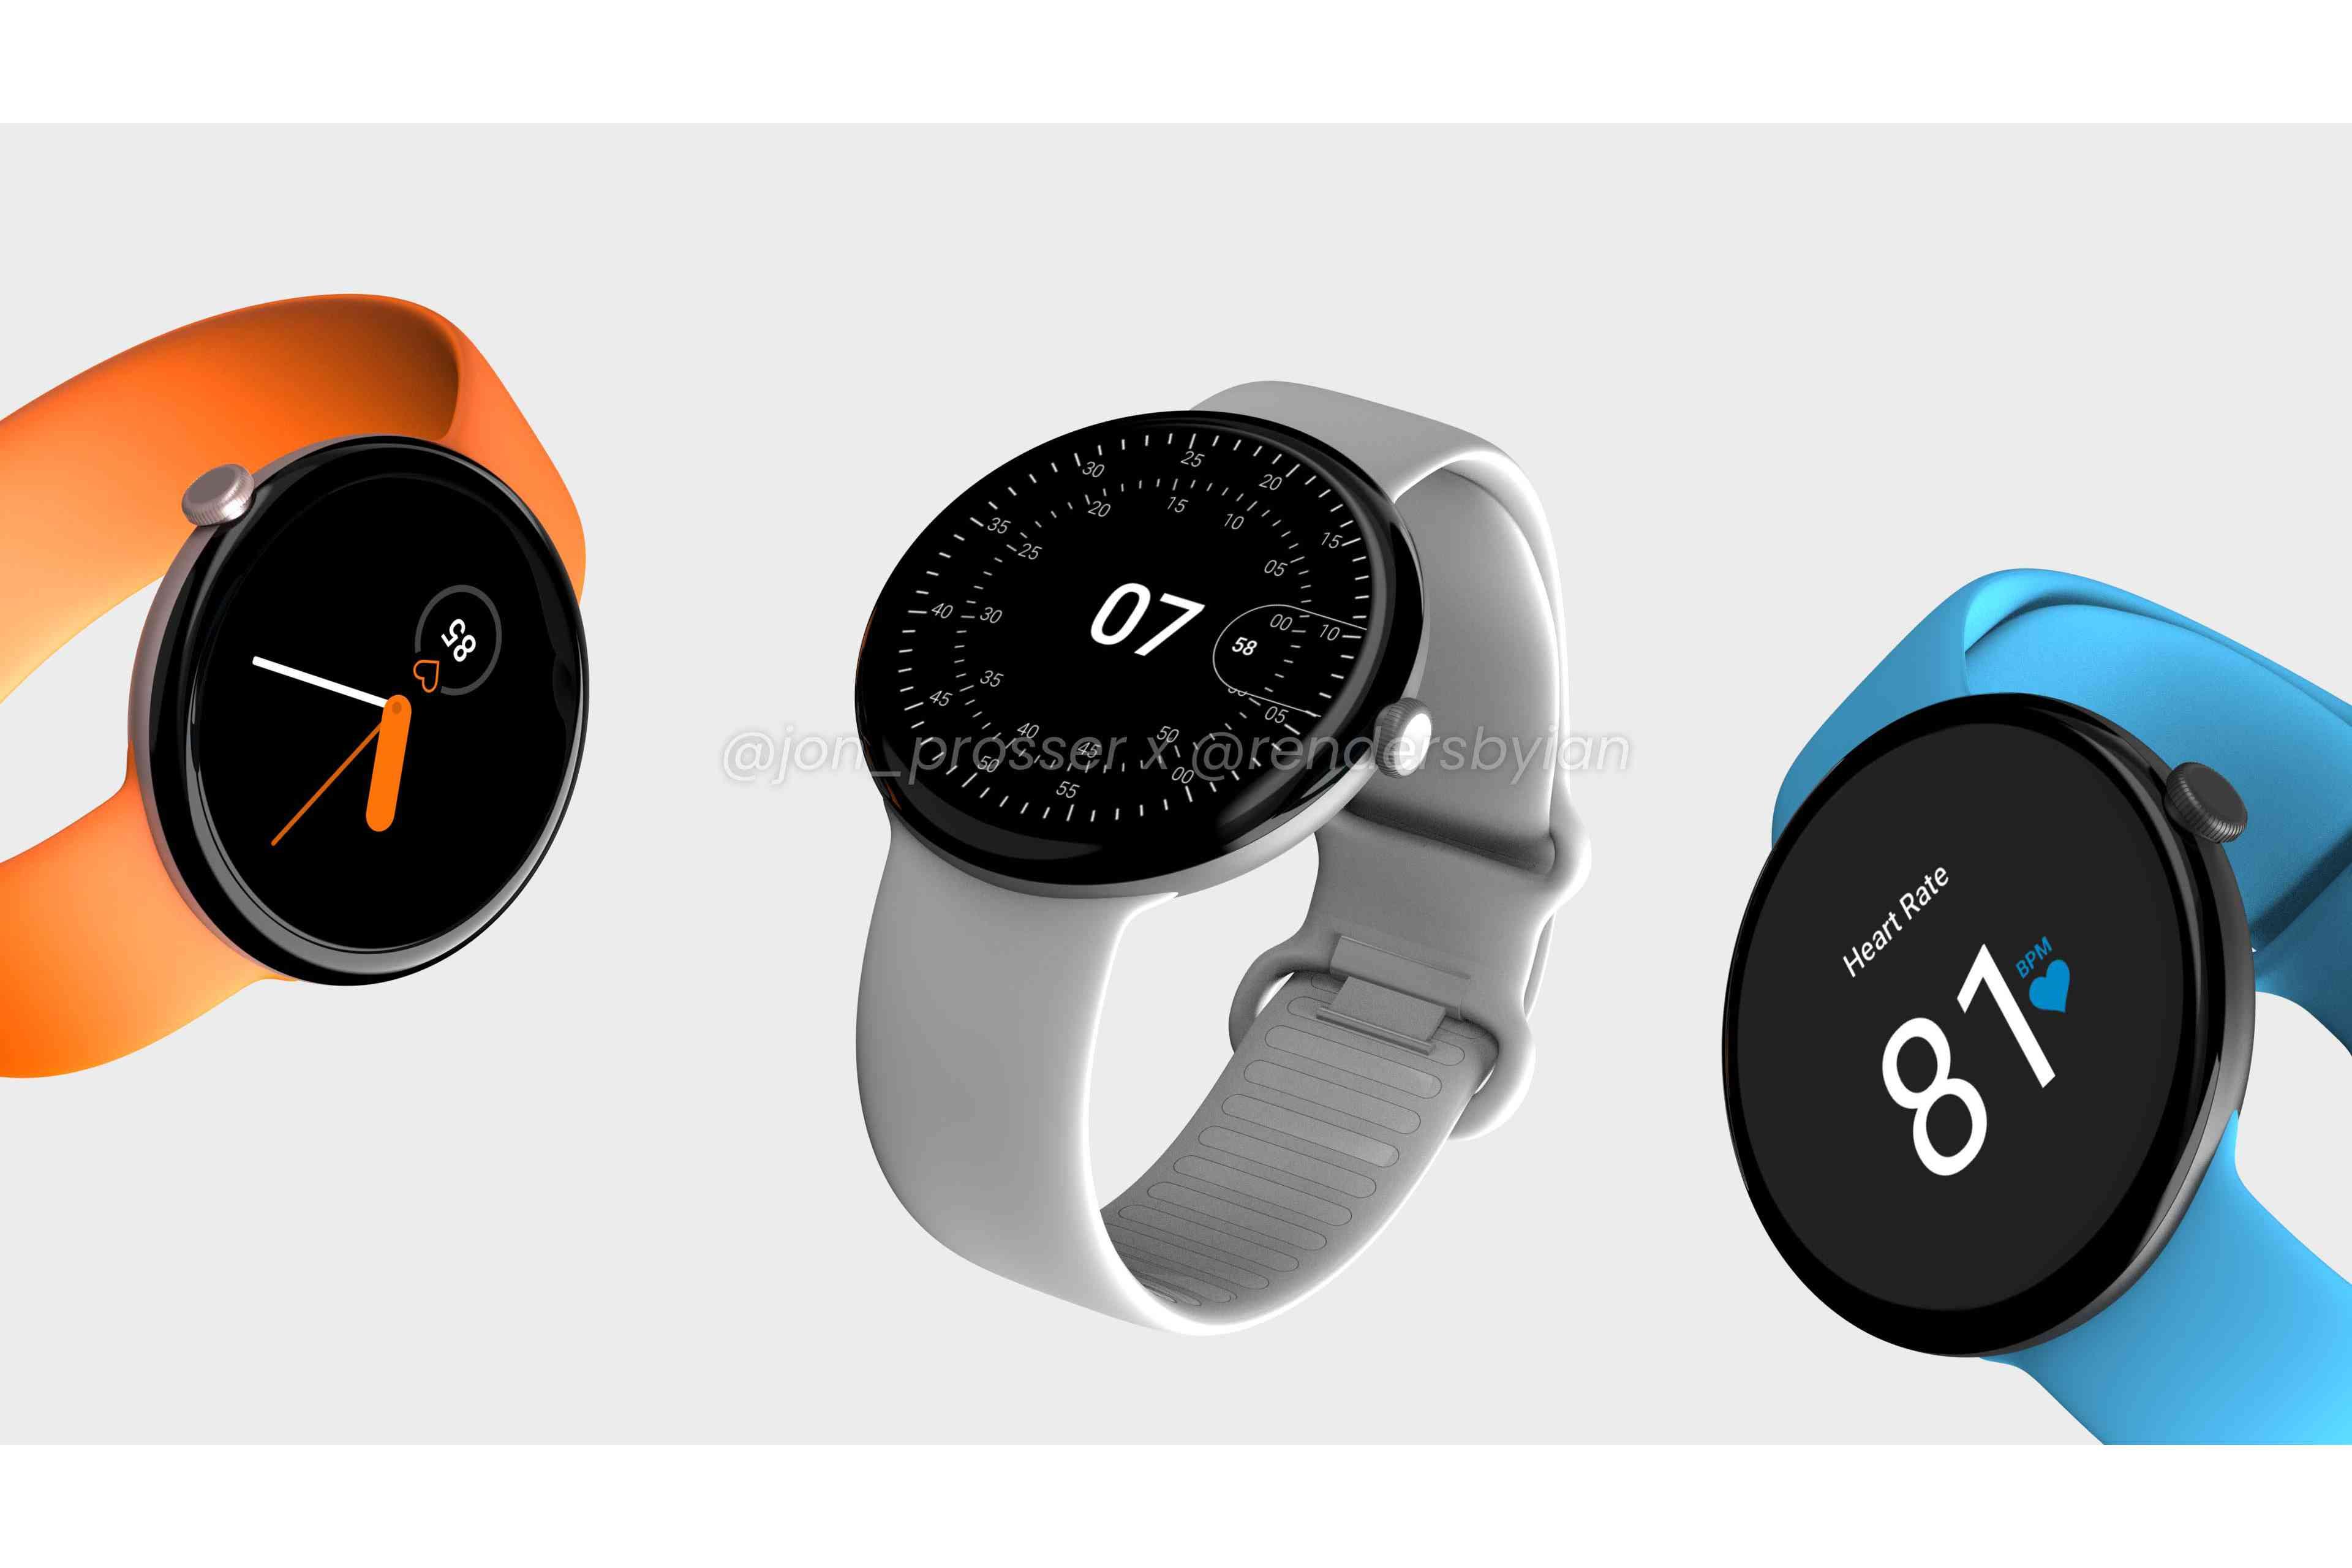 Google Pixel Watch renders in orange, grey, and blue